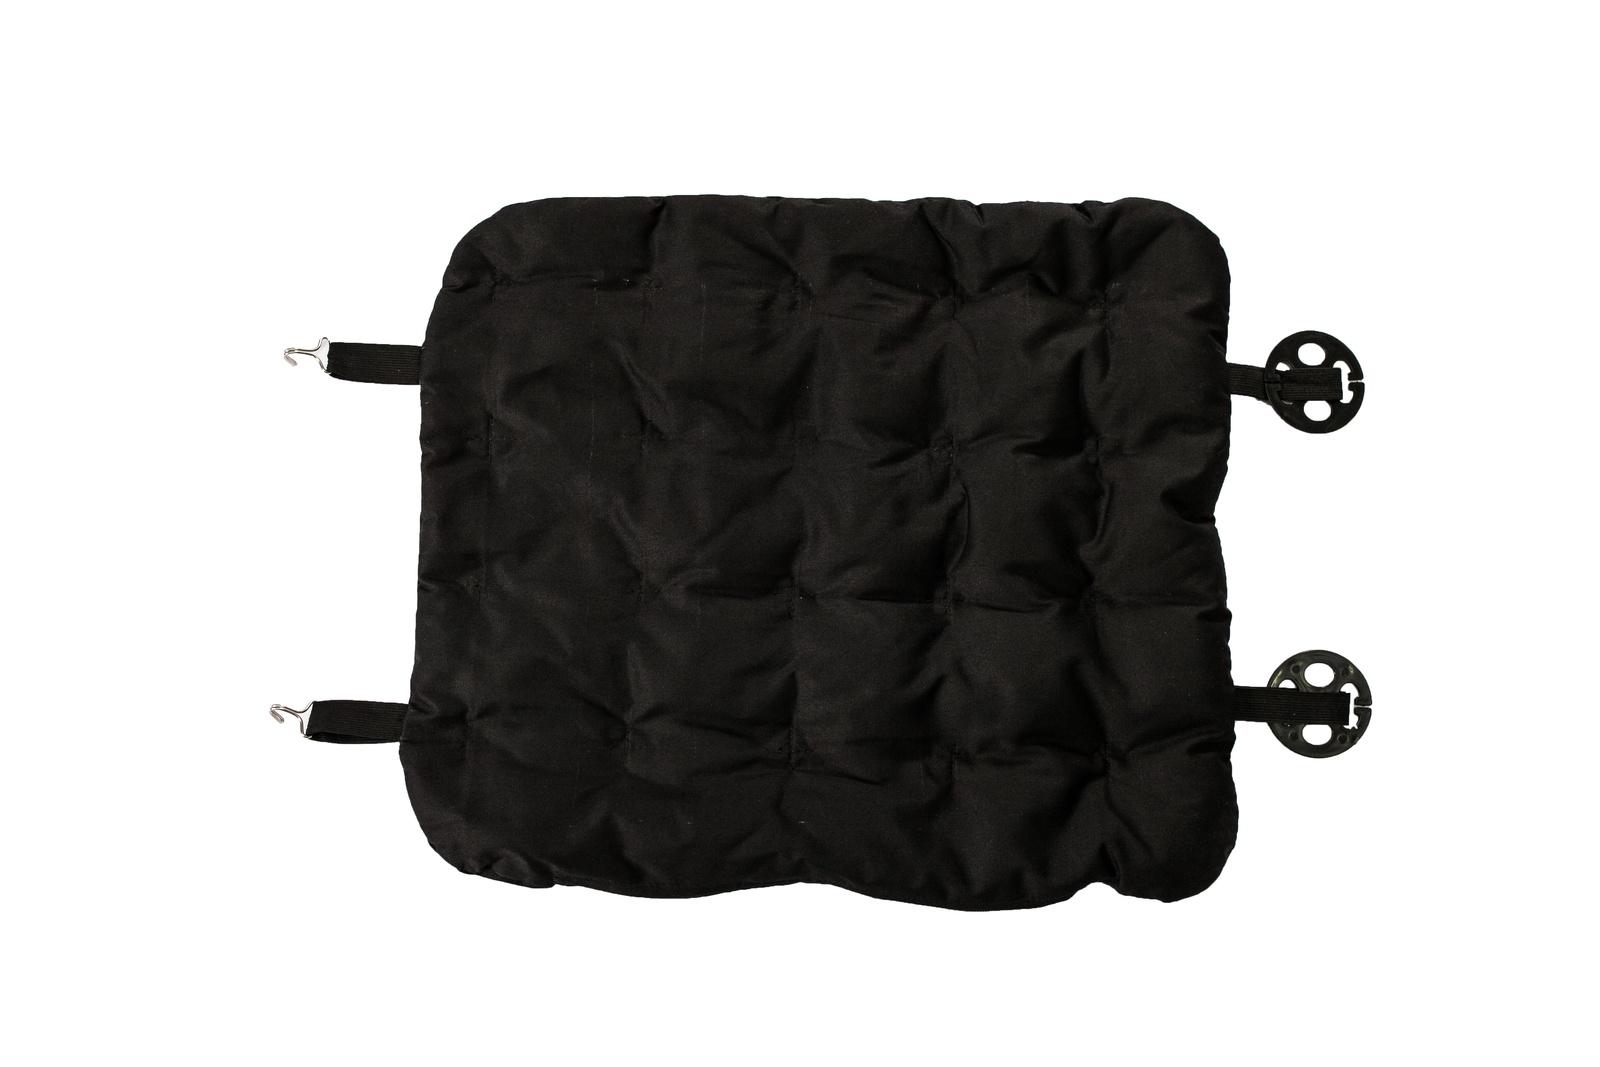 Ортопедическая подушка, наполнитель гречиха на сиденье Био, AvtoTink, черный